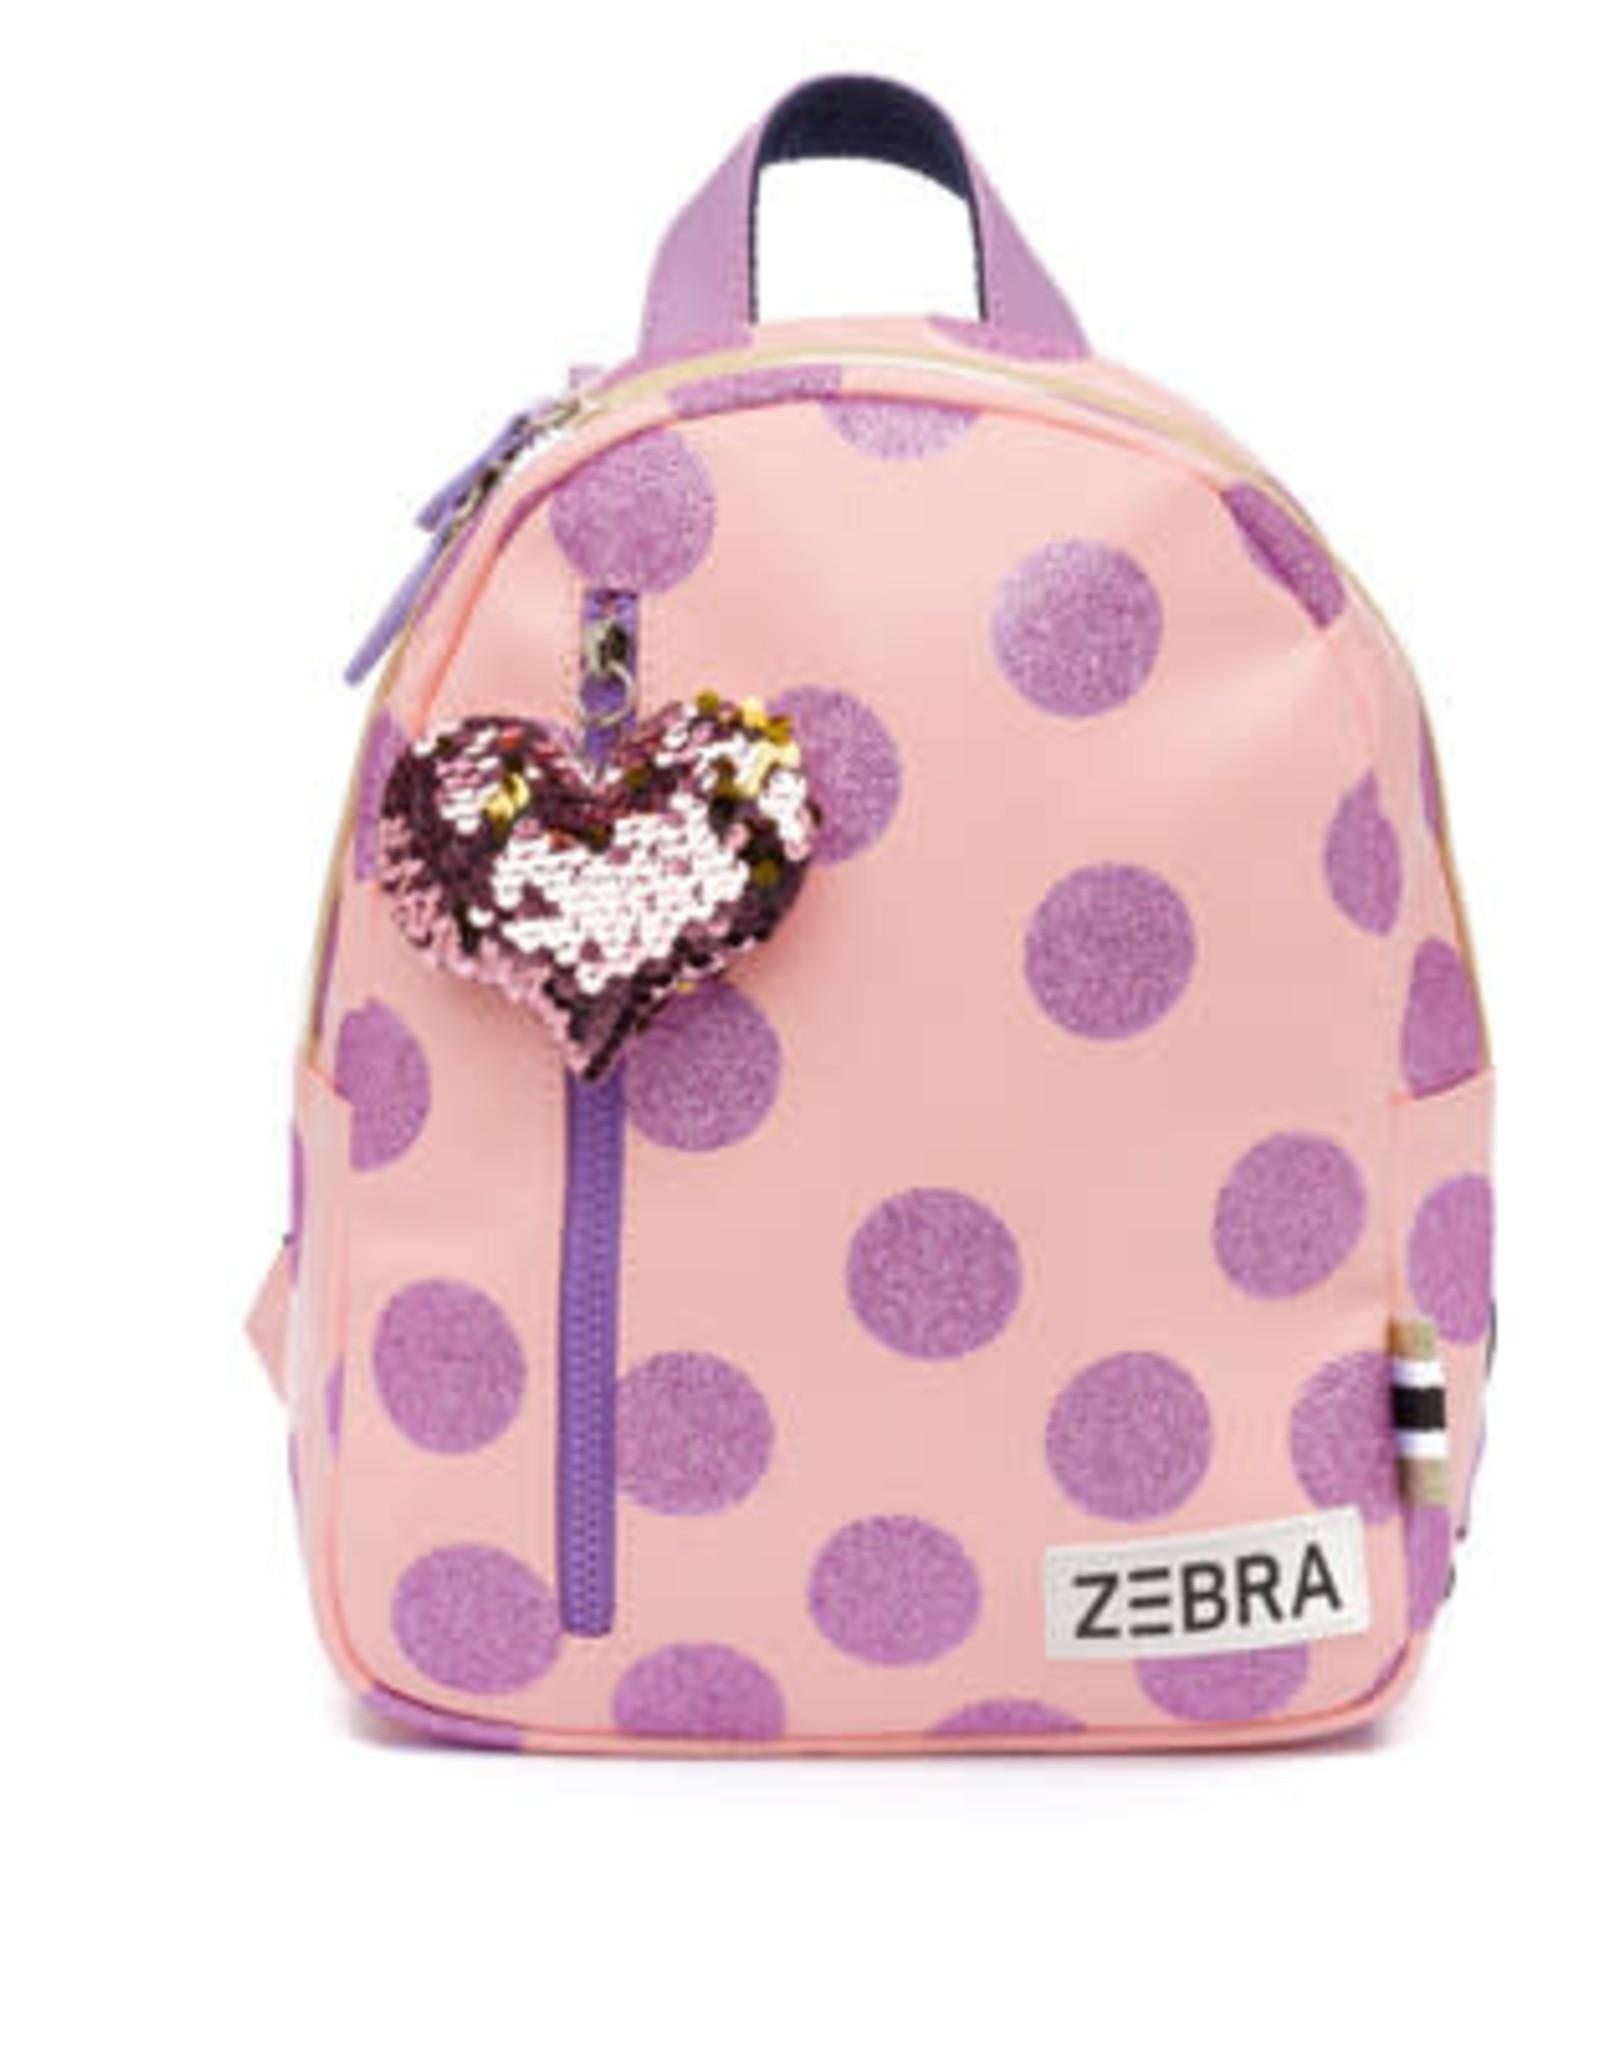 Zebra Trends Rugzak Glitterdots Pink S